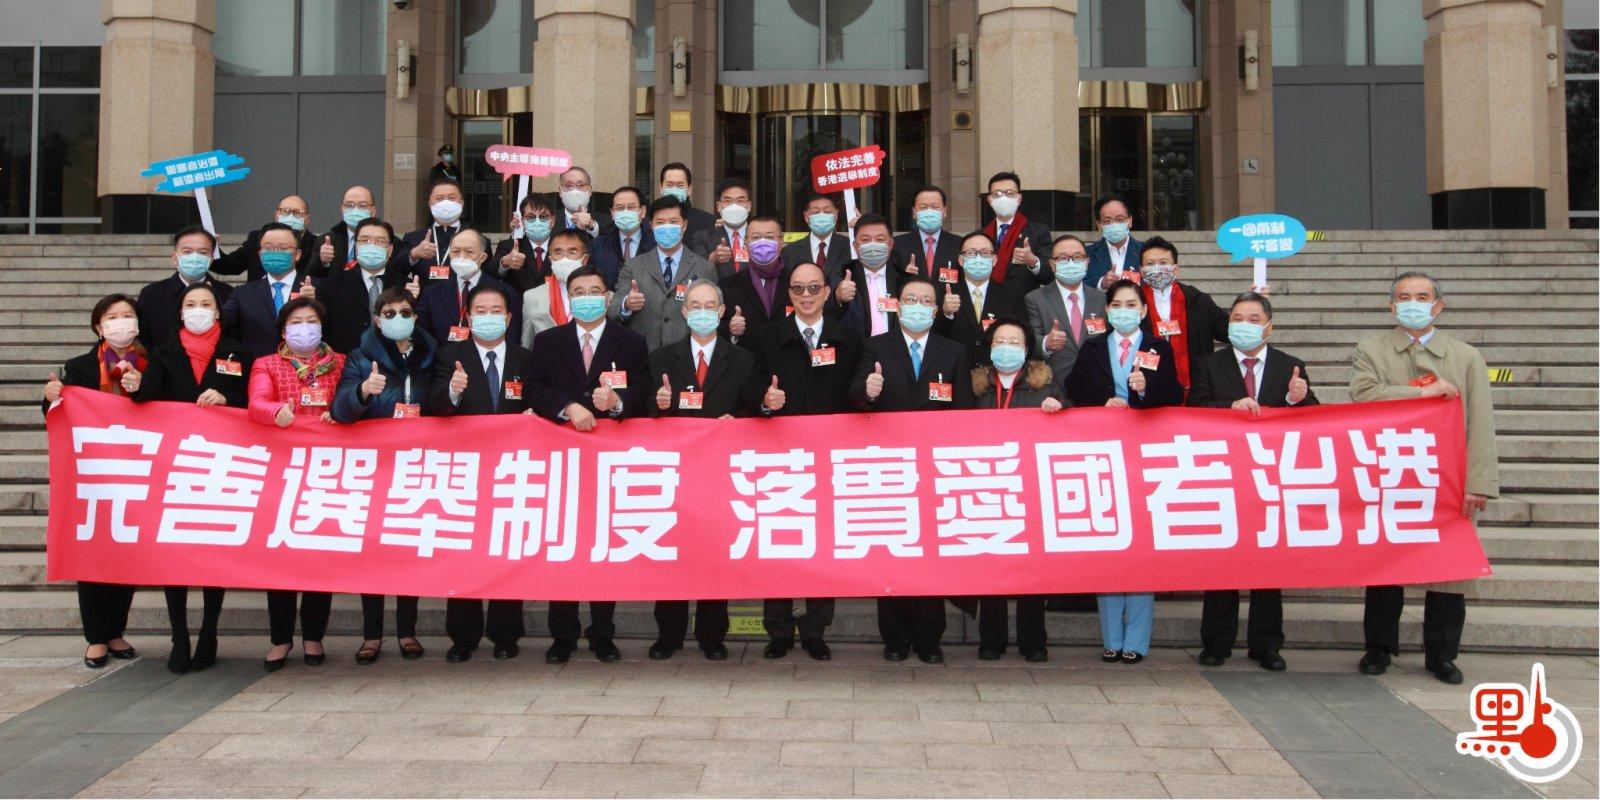 人大香港代表團聲明:人大完善特區選舉制度的決定無可置疑